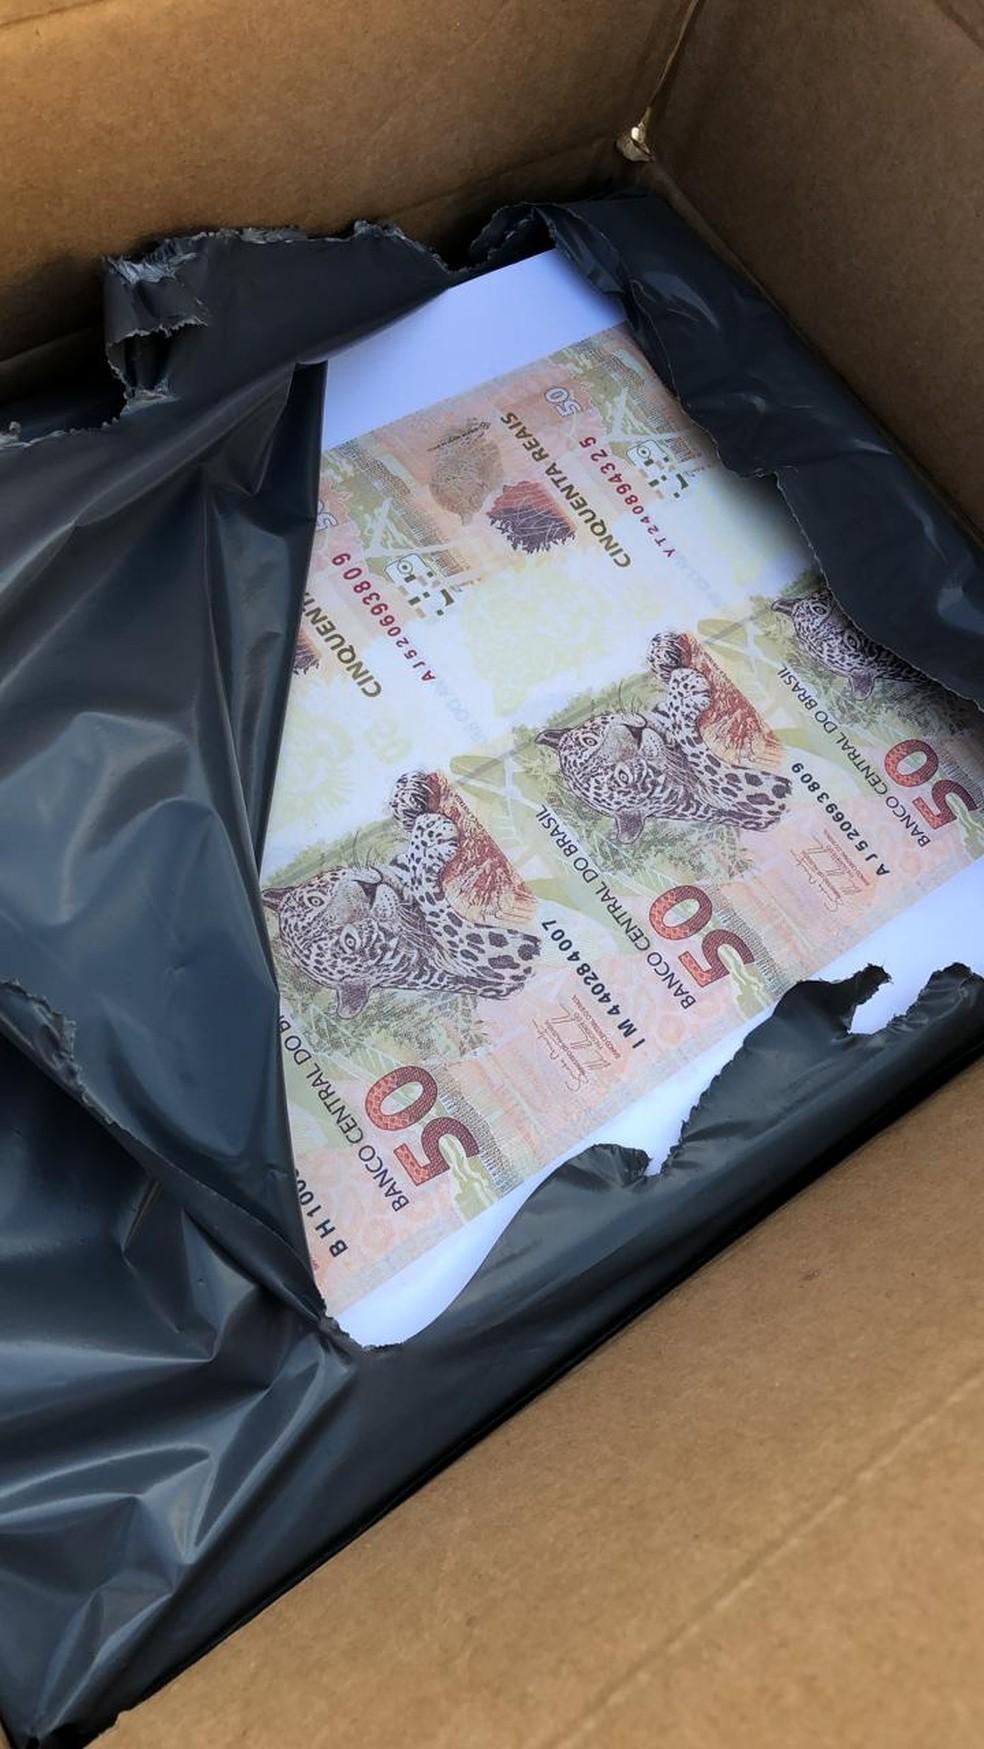 Segundo a Polícia Federal, cédulas falsas estavam prontas para serem cortadas e seriam espalhadas por Rondônia.  — Foto: Divulgação/Polícia Federal